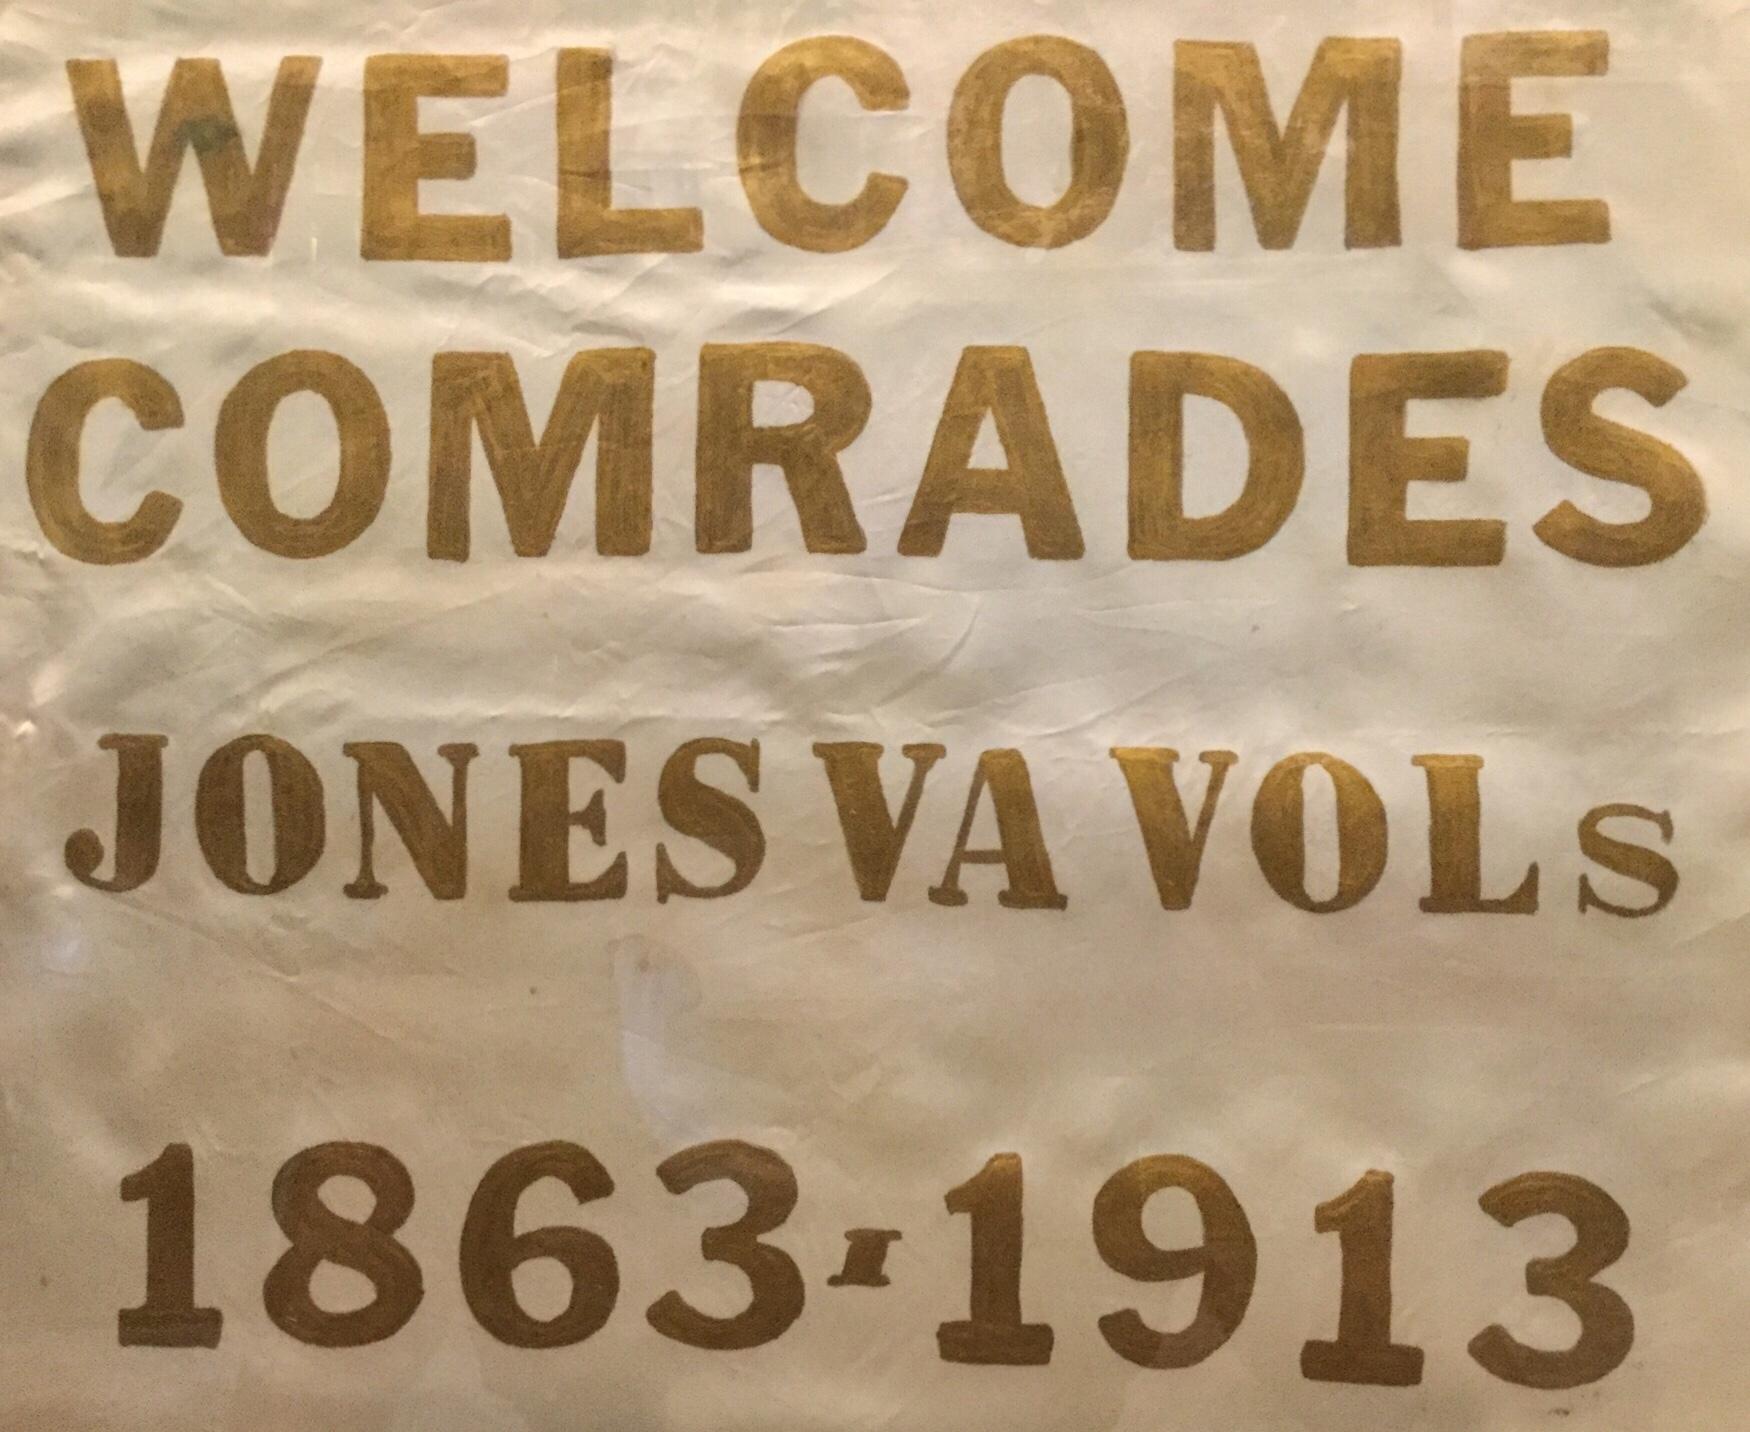 Welcome Comrades, Jones Virginia Voulunteers, 1863-1913